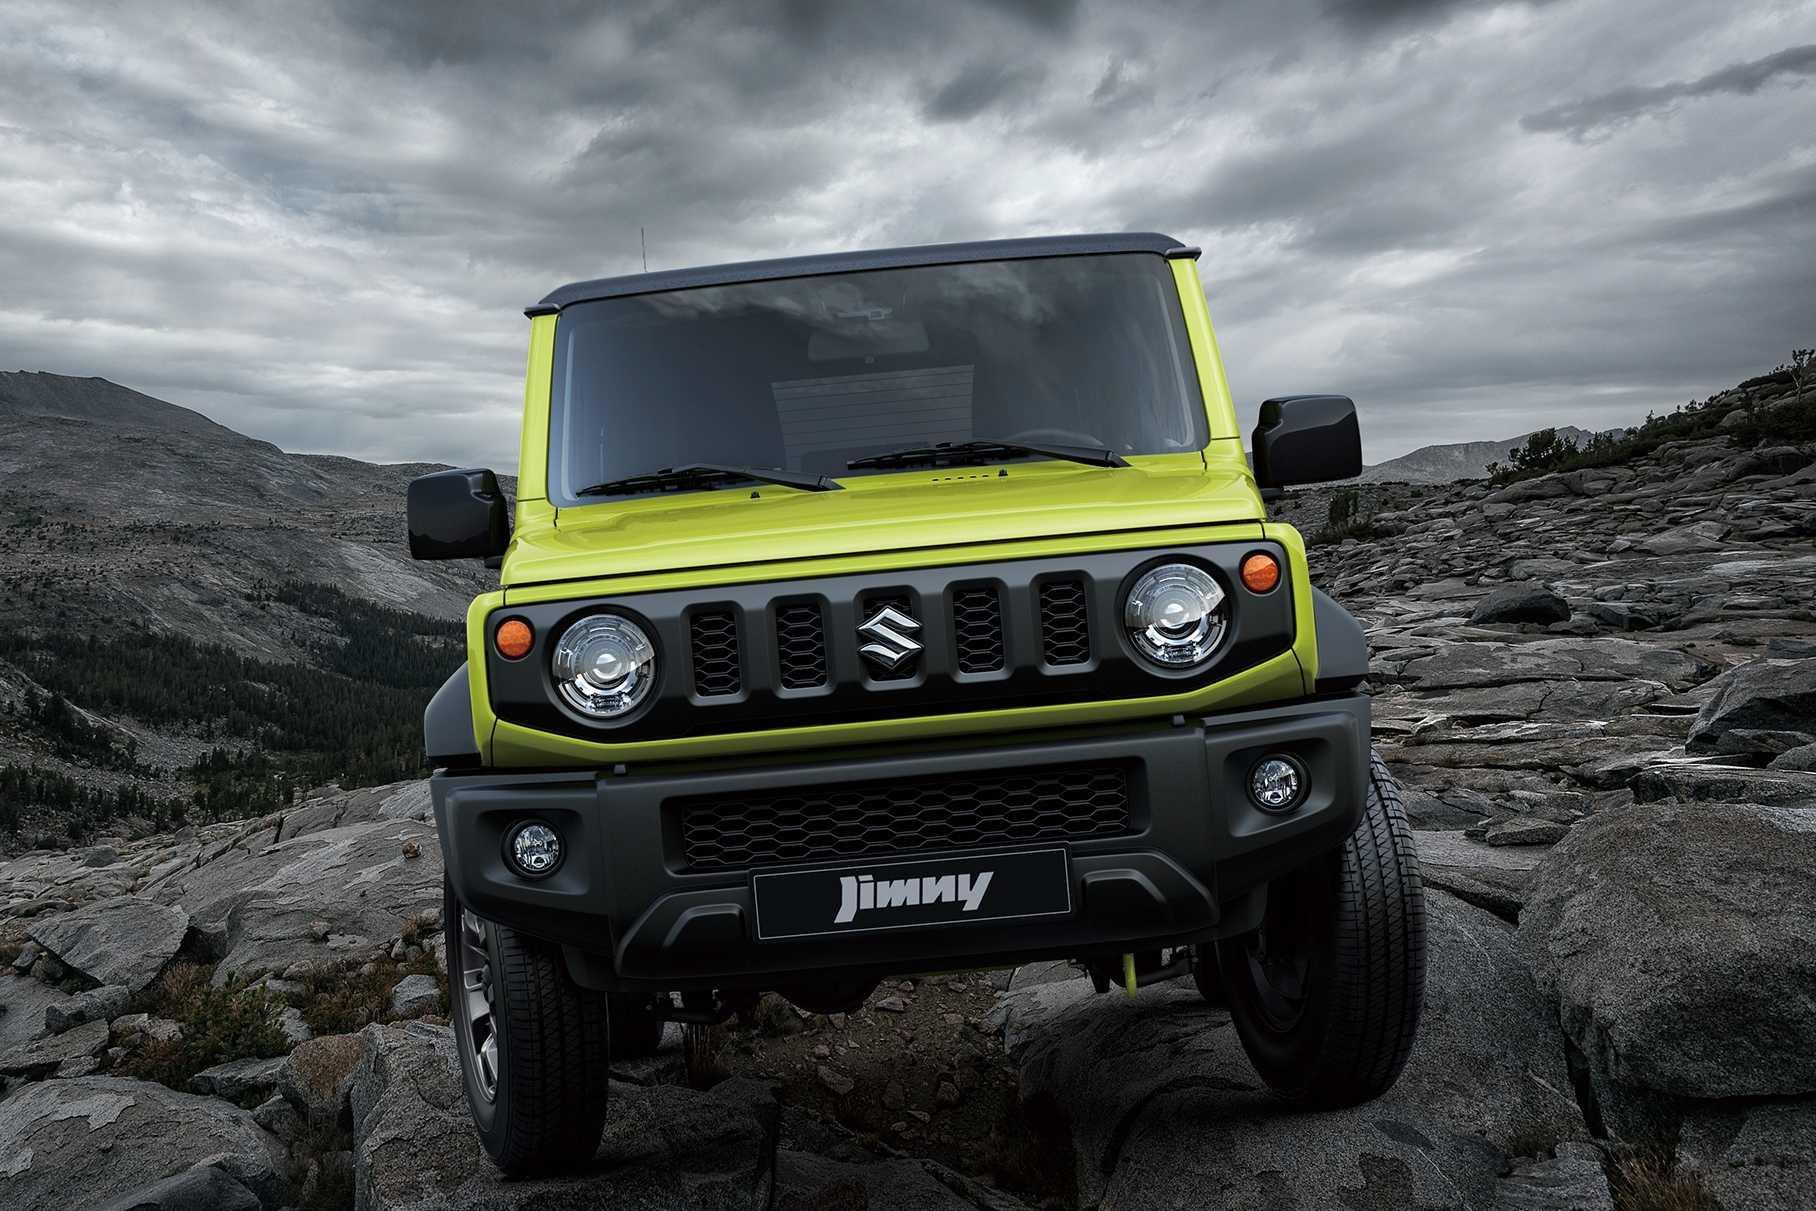 Suzuki jimny 2021 года — рамный полноприводный внедорожник, превосходящий уаз патриот